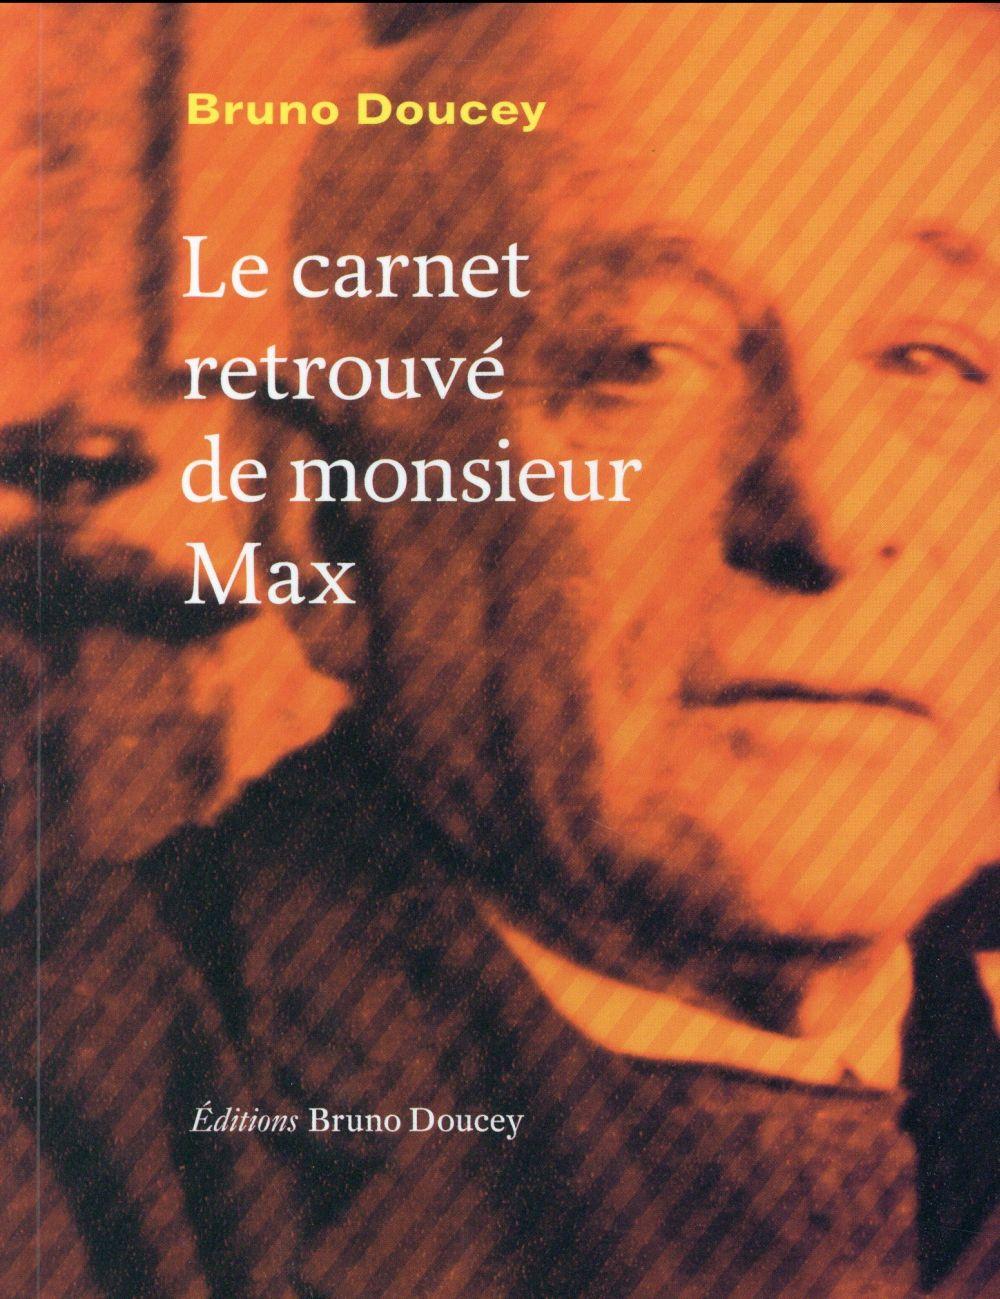 Le carnet retrouvé de Monsieur Max